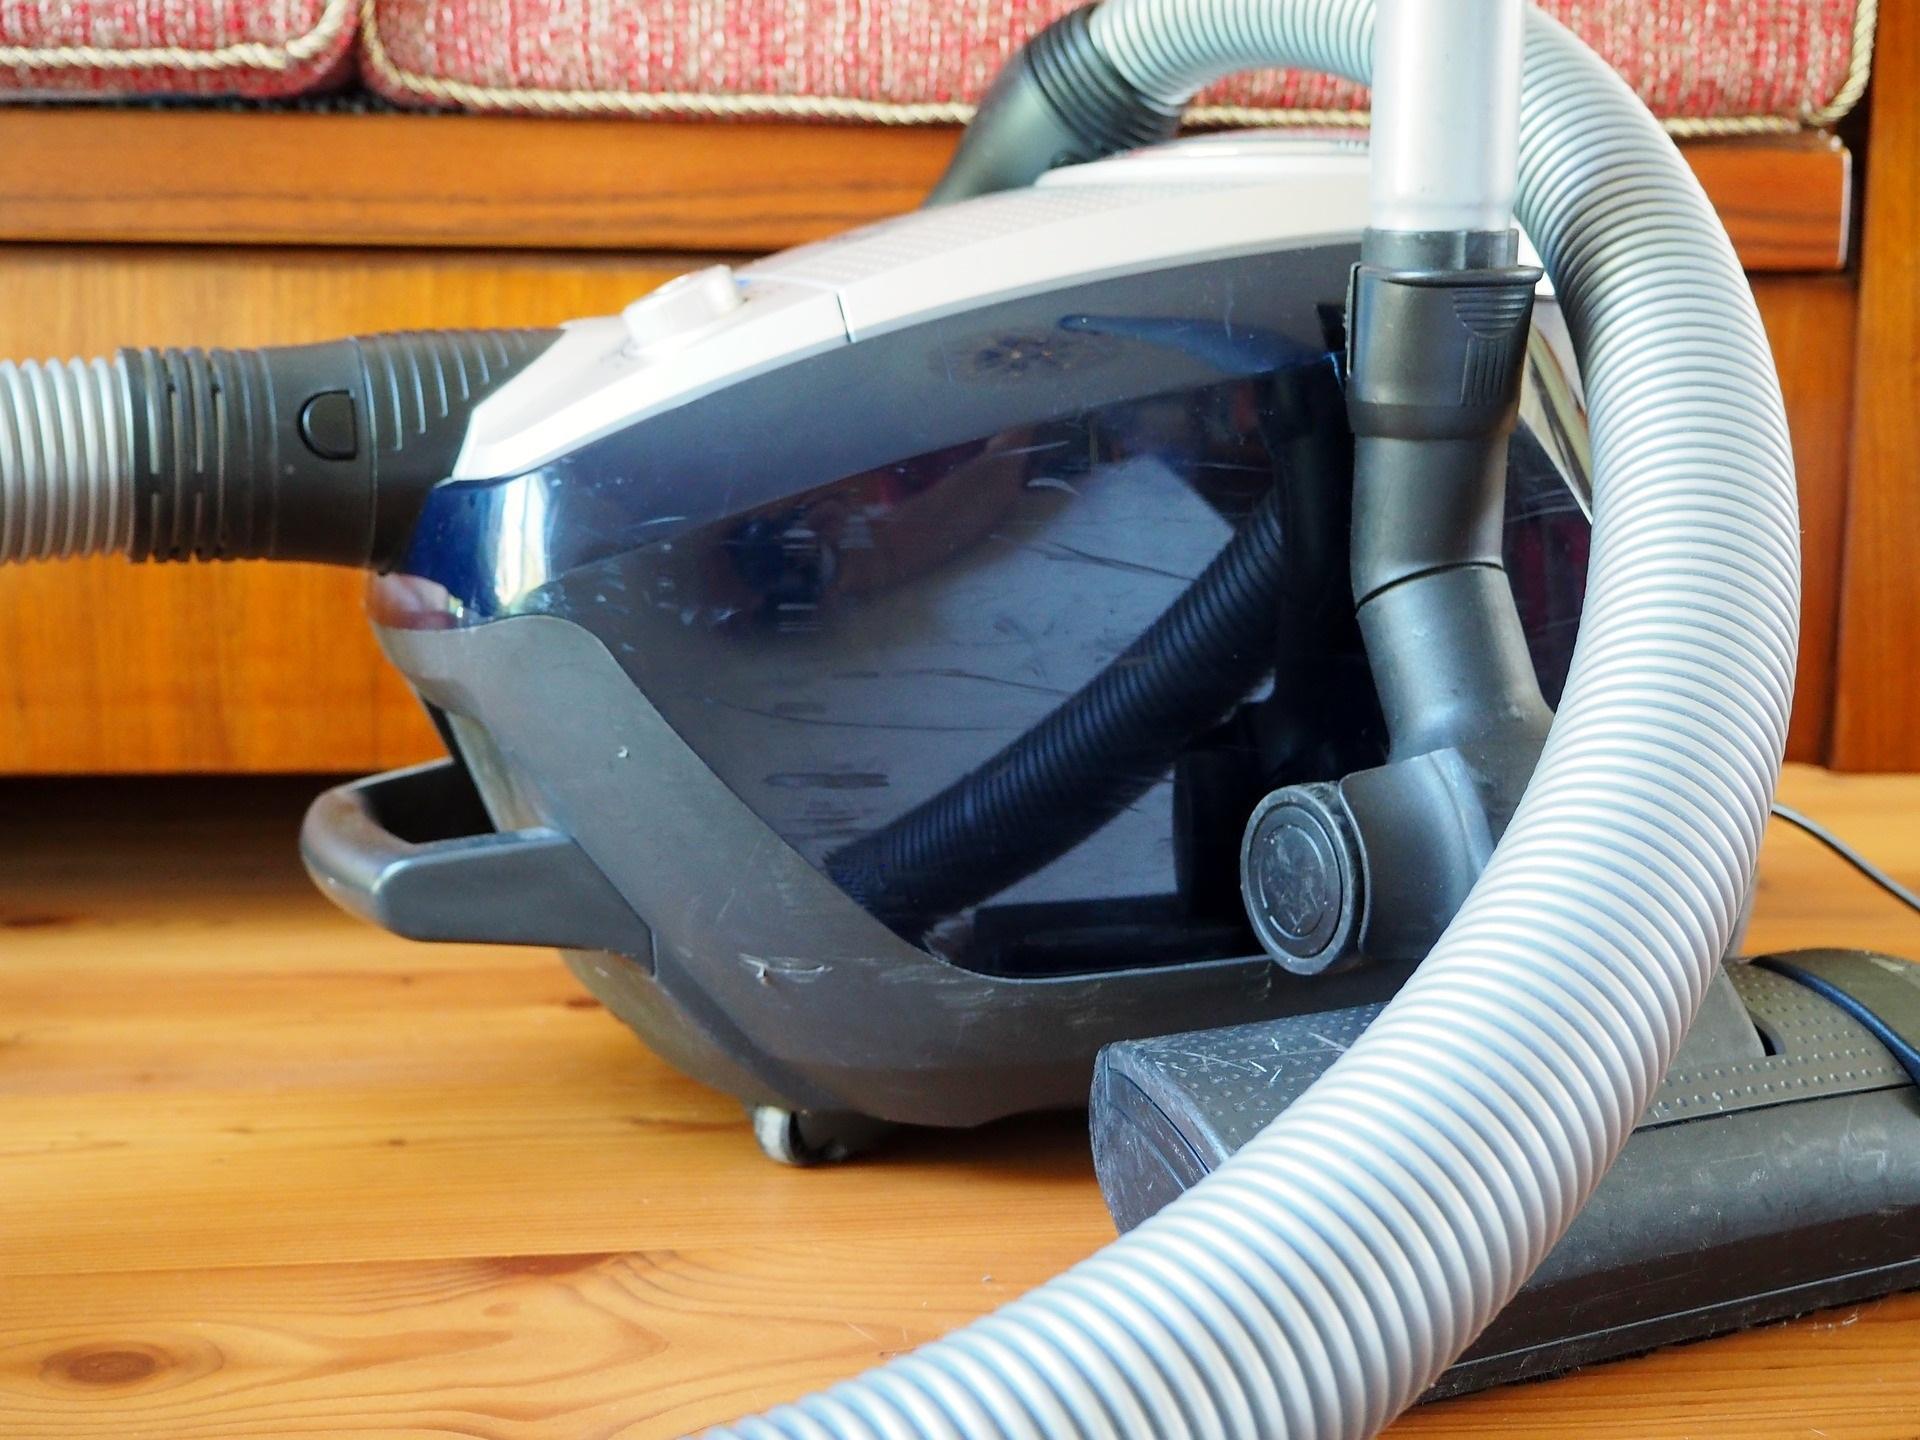 Что делать, если пылесос перестал включаться: 7 основных причин + видеоинструкции